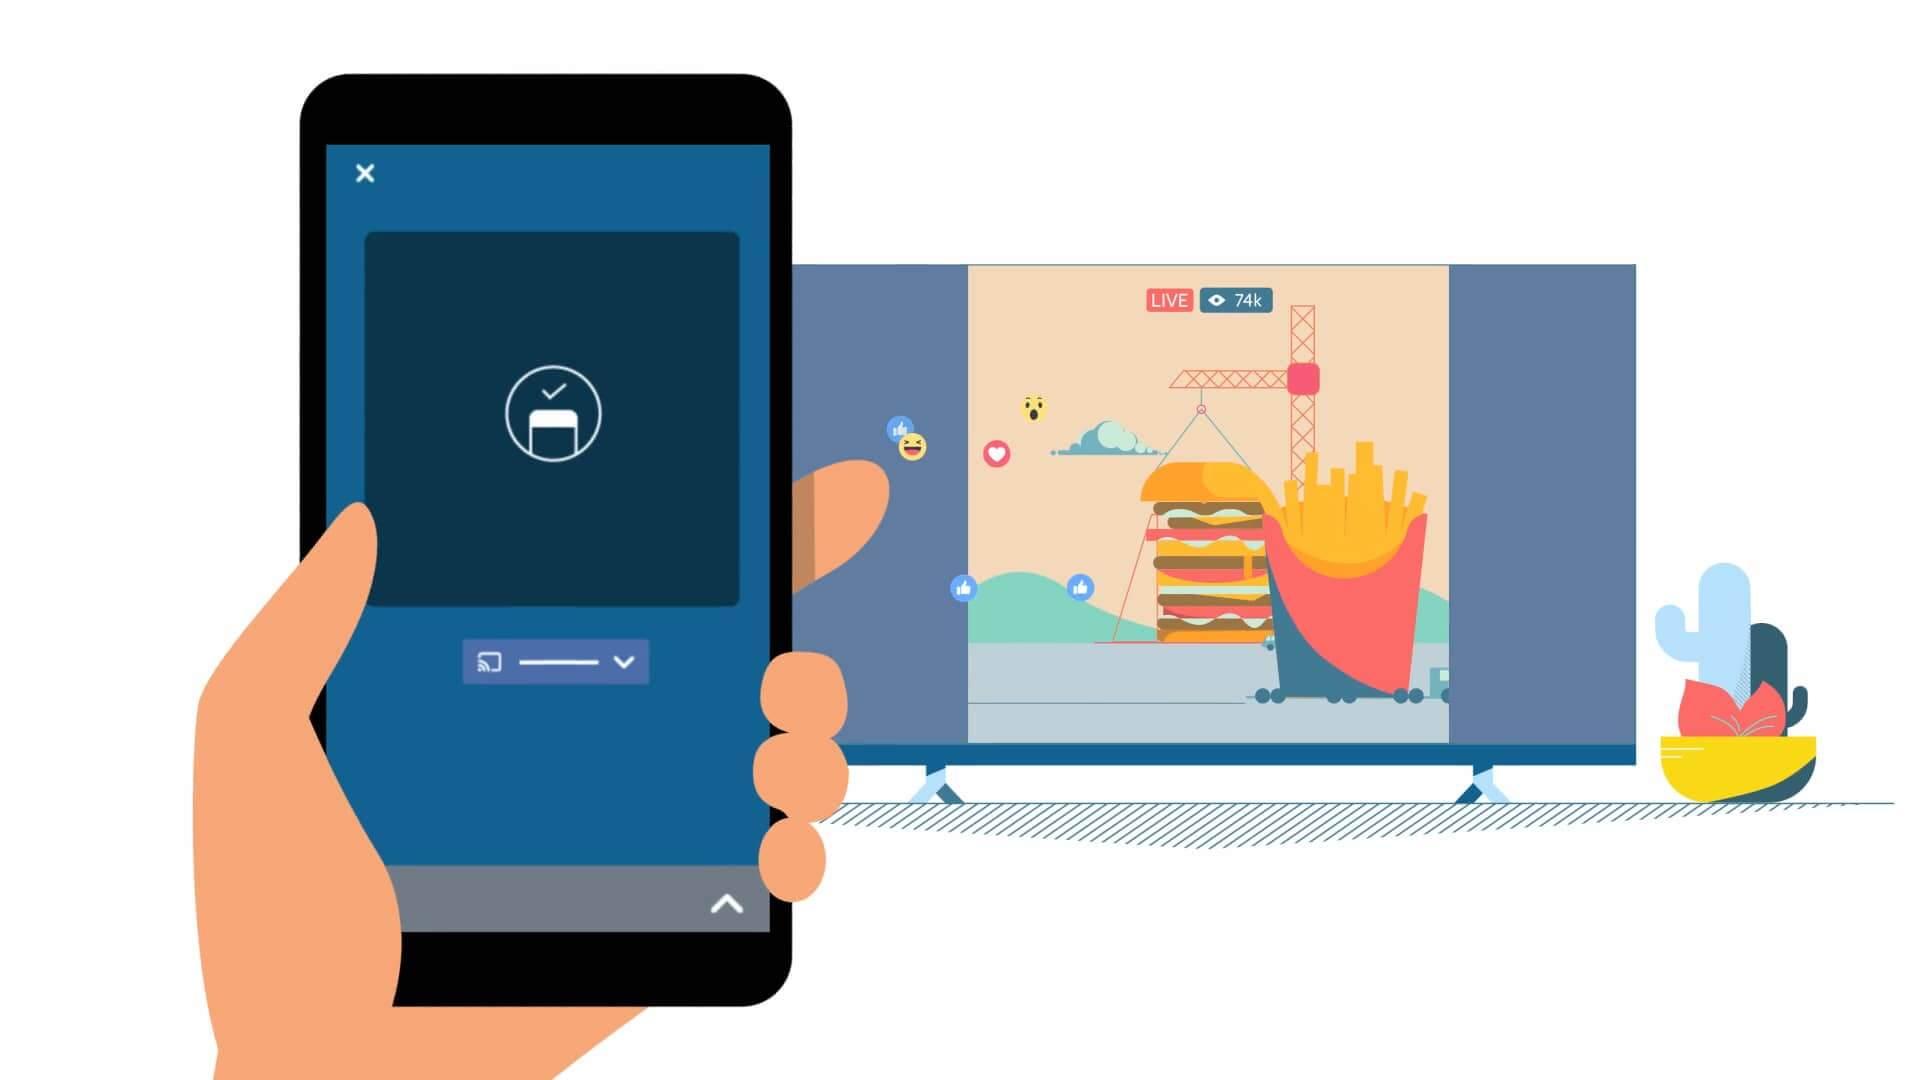 596729571 - Facebook está desenvolvendo app focado em vídeo